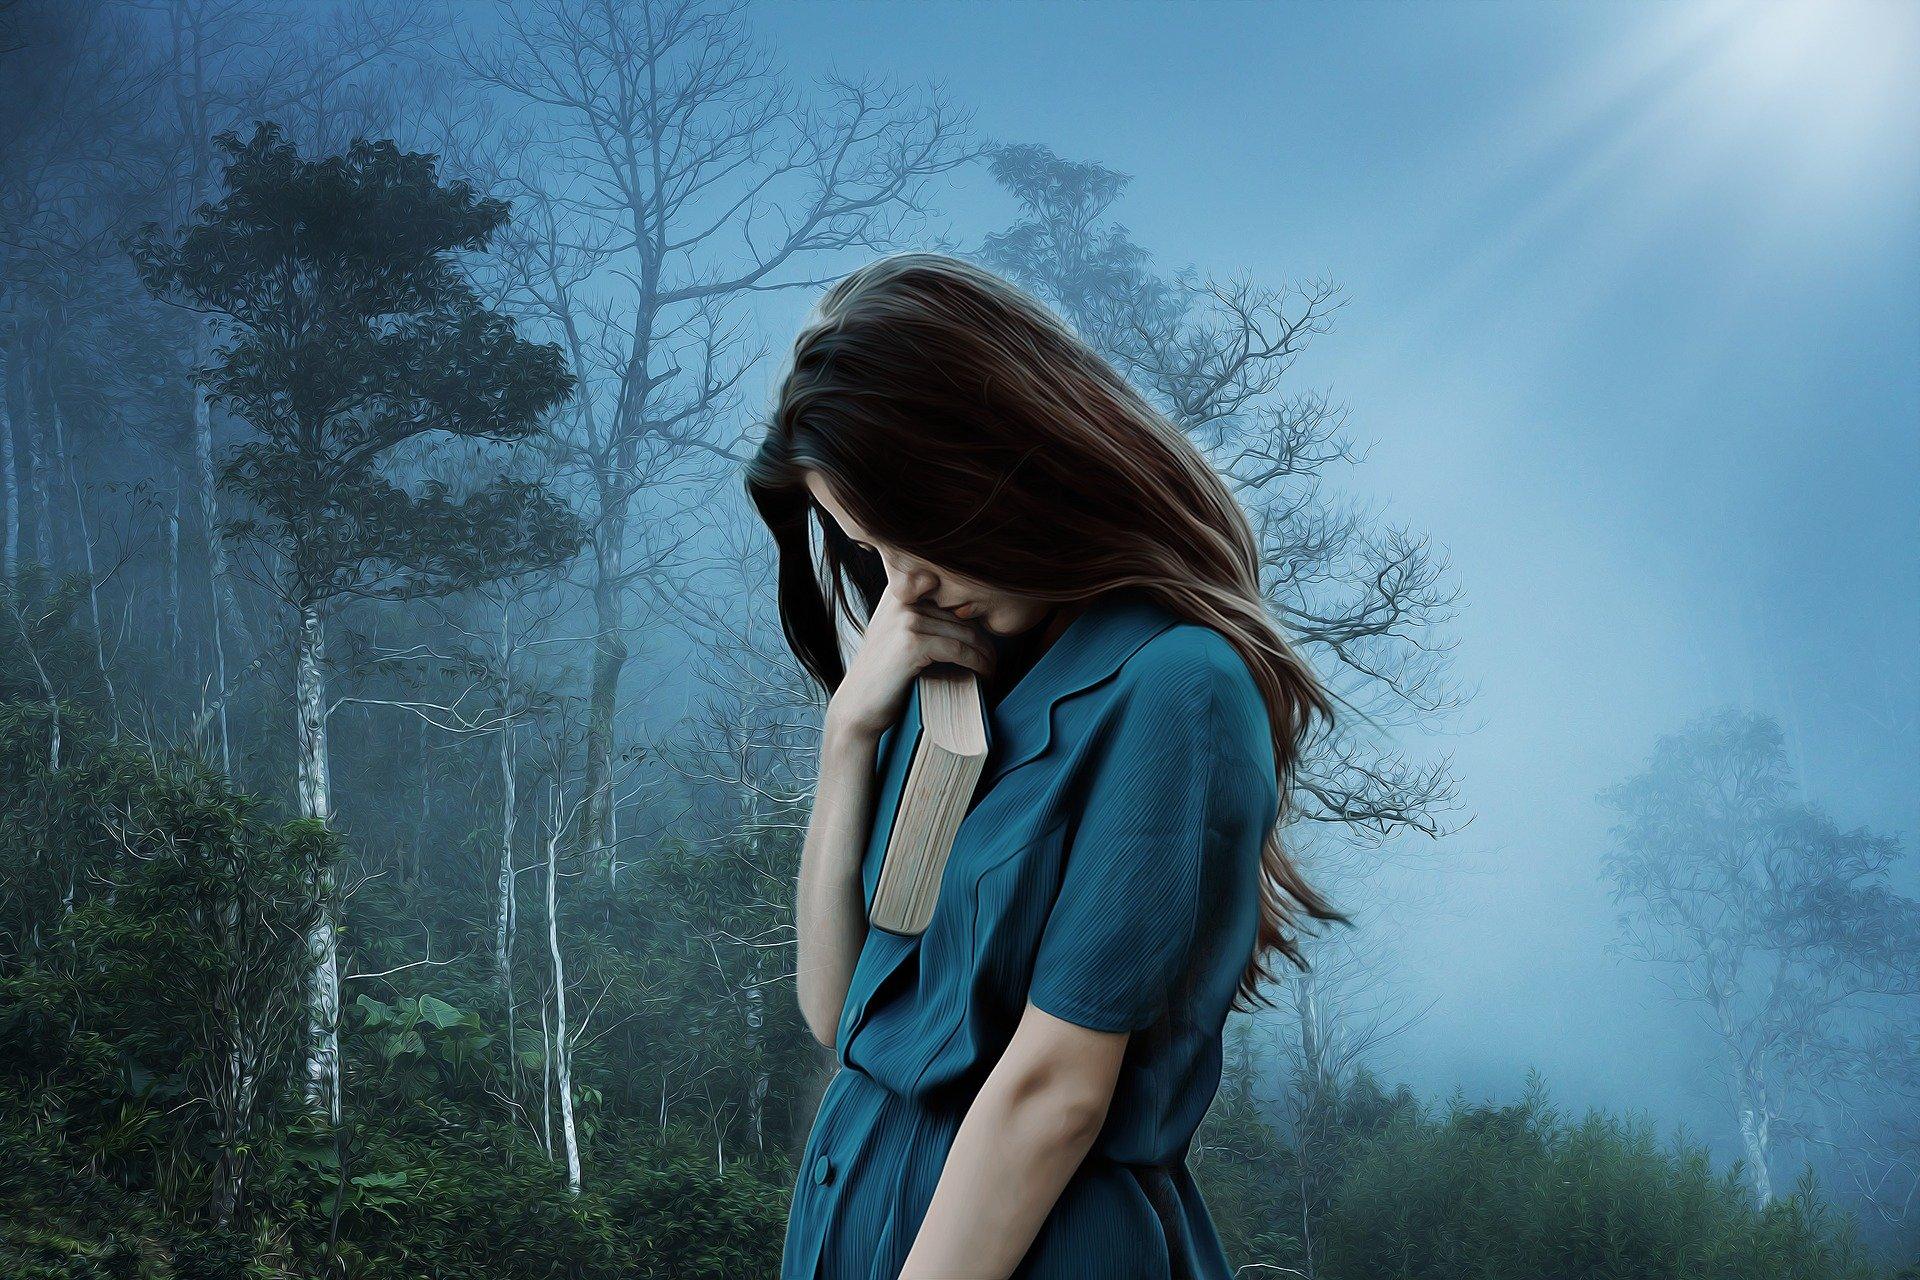 На фото изображена девушка, которая страдает.